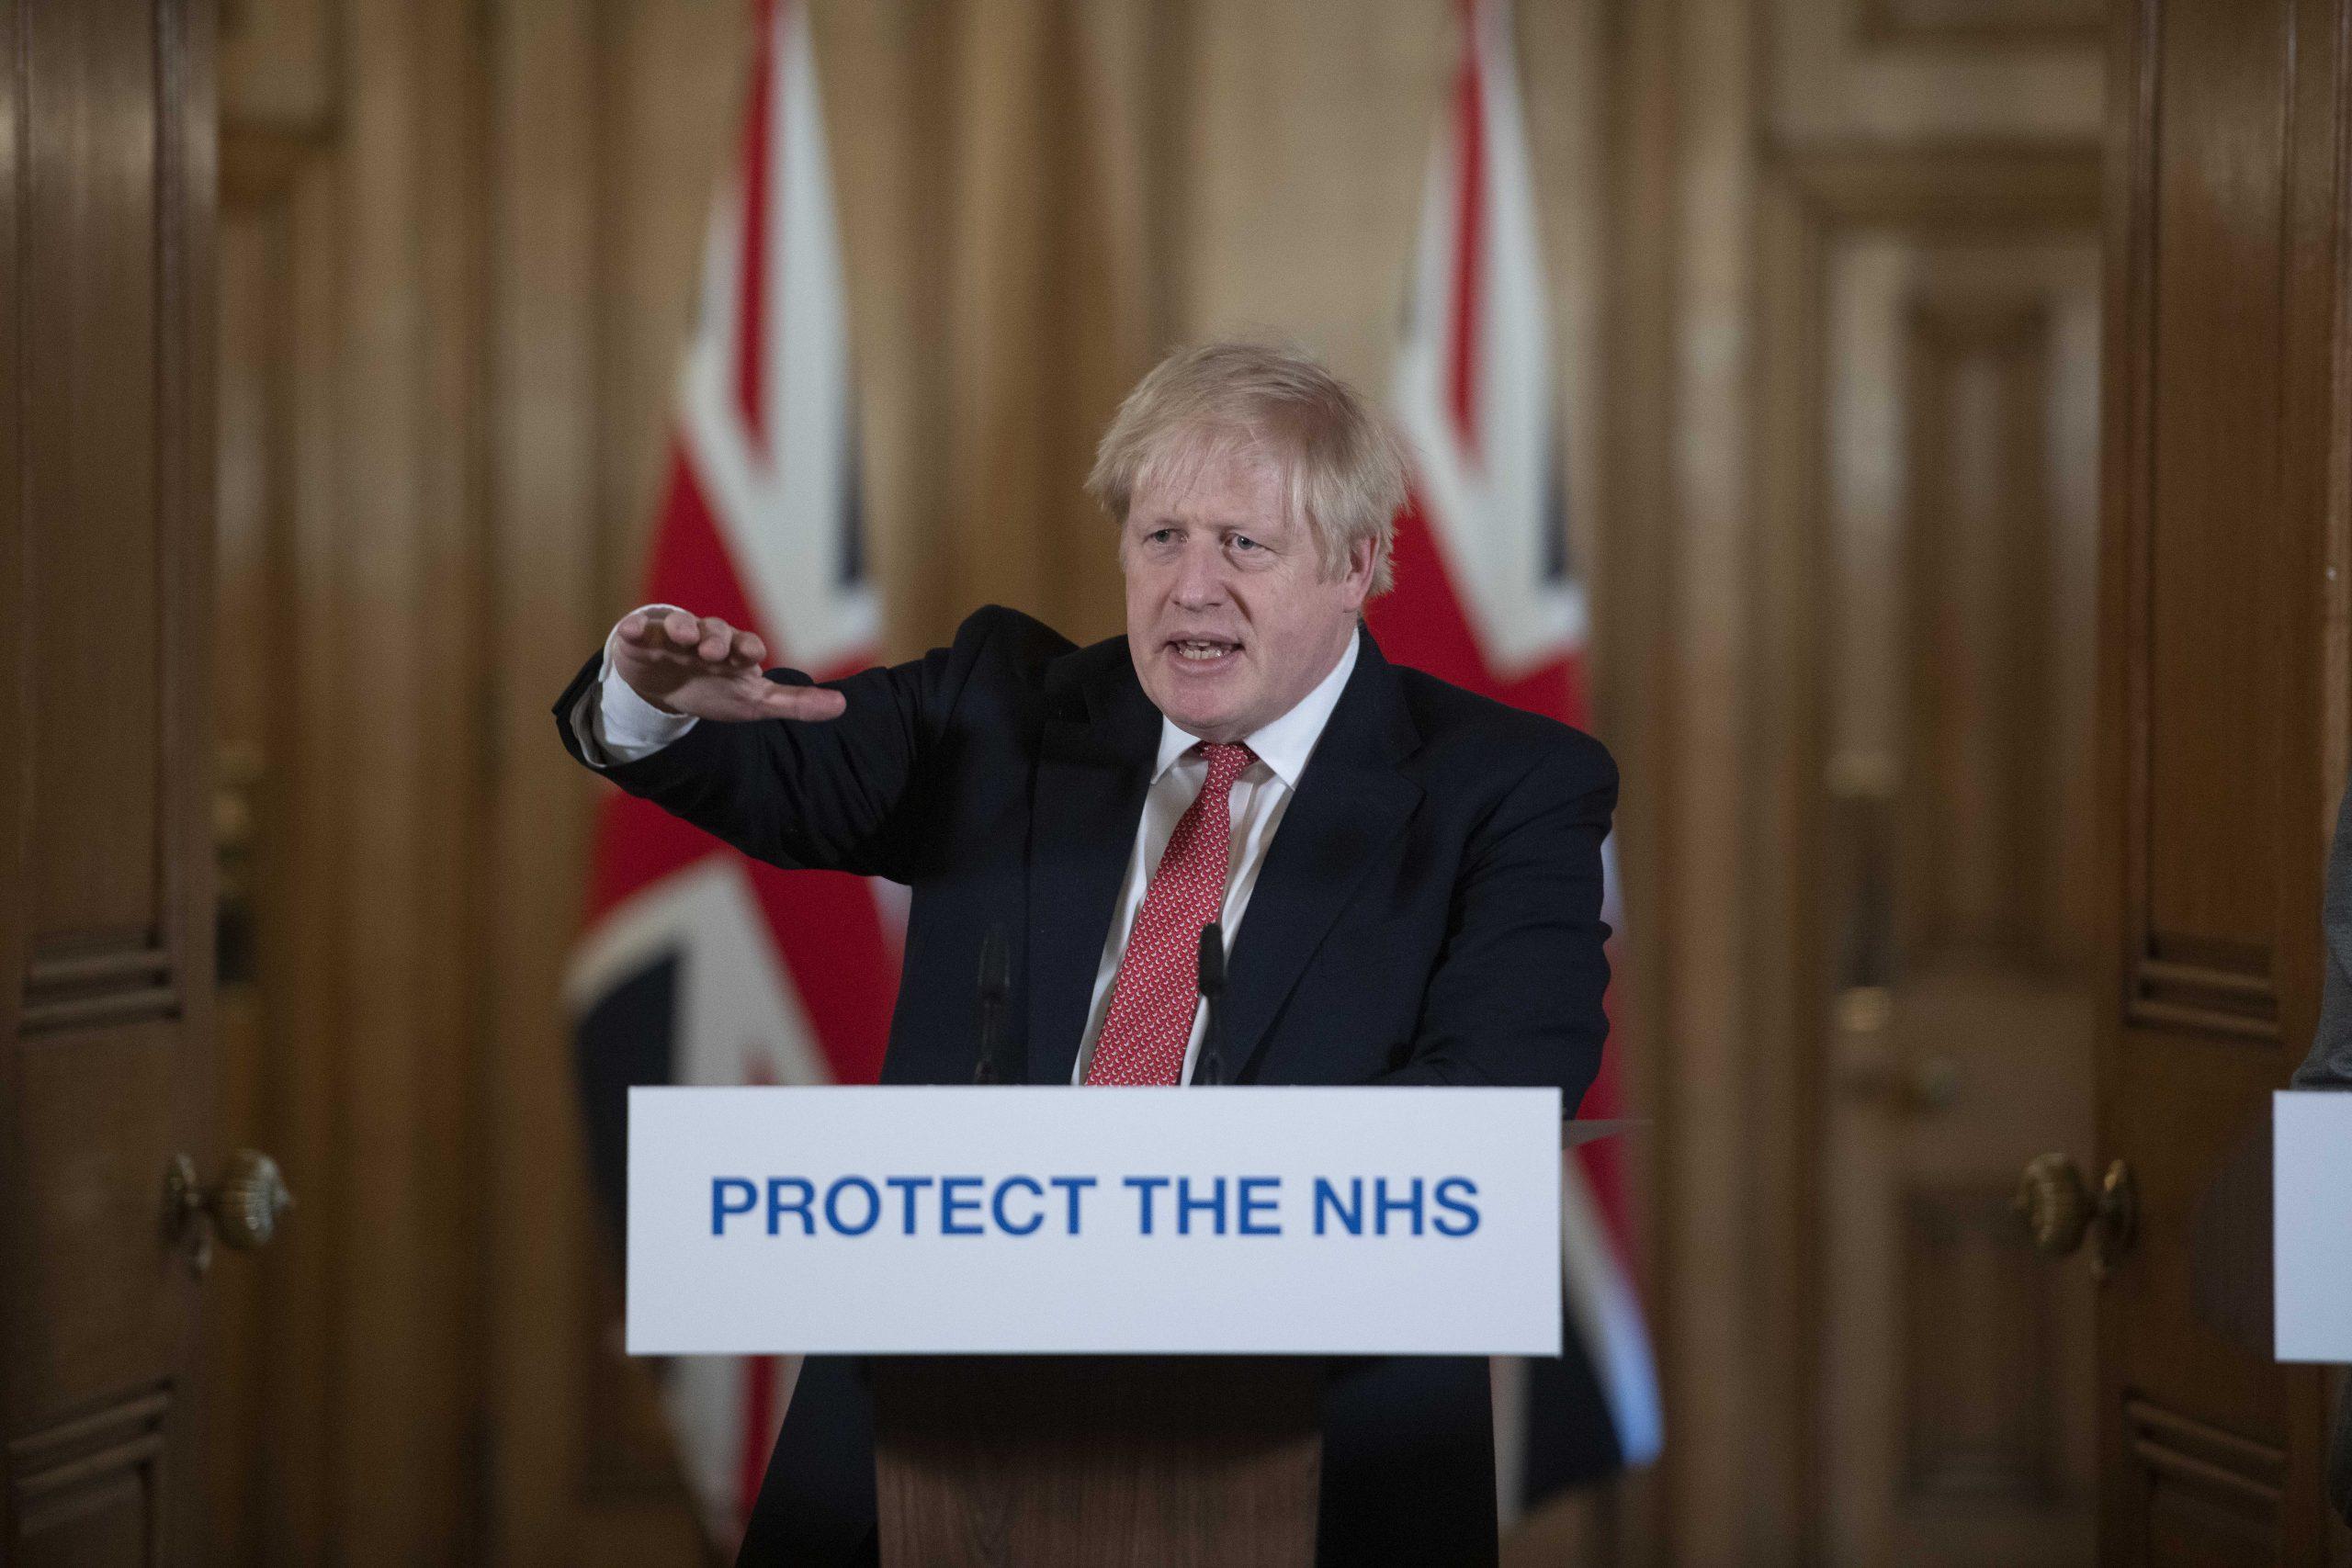 Boris Johnson coronavirus address